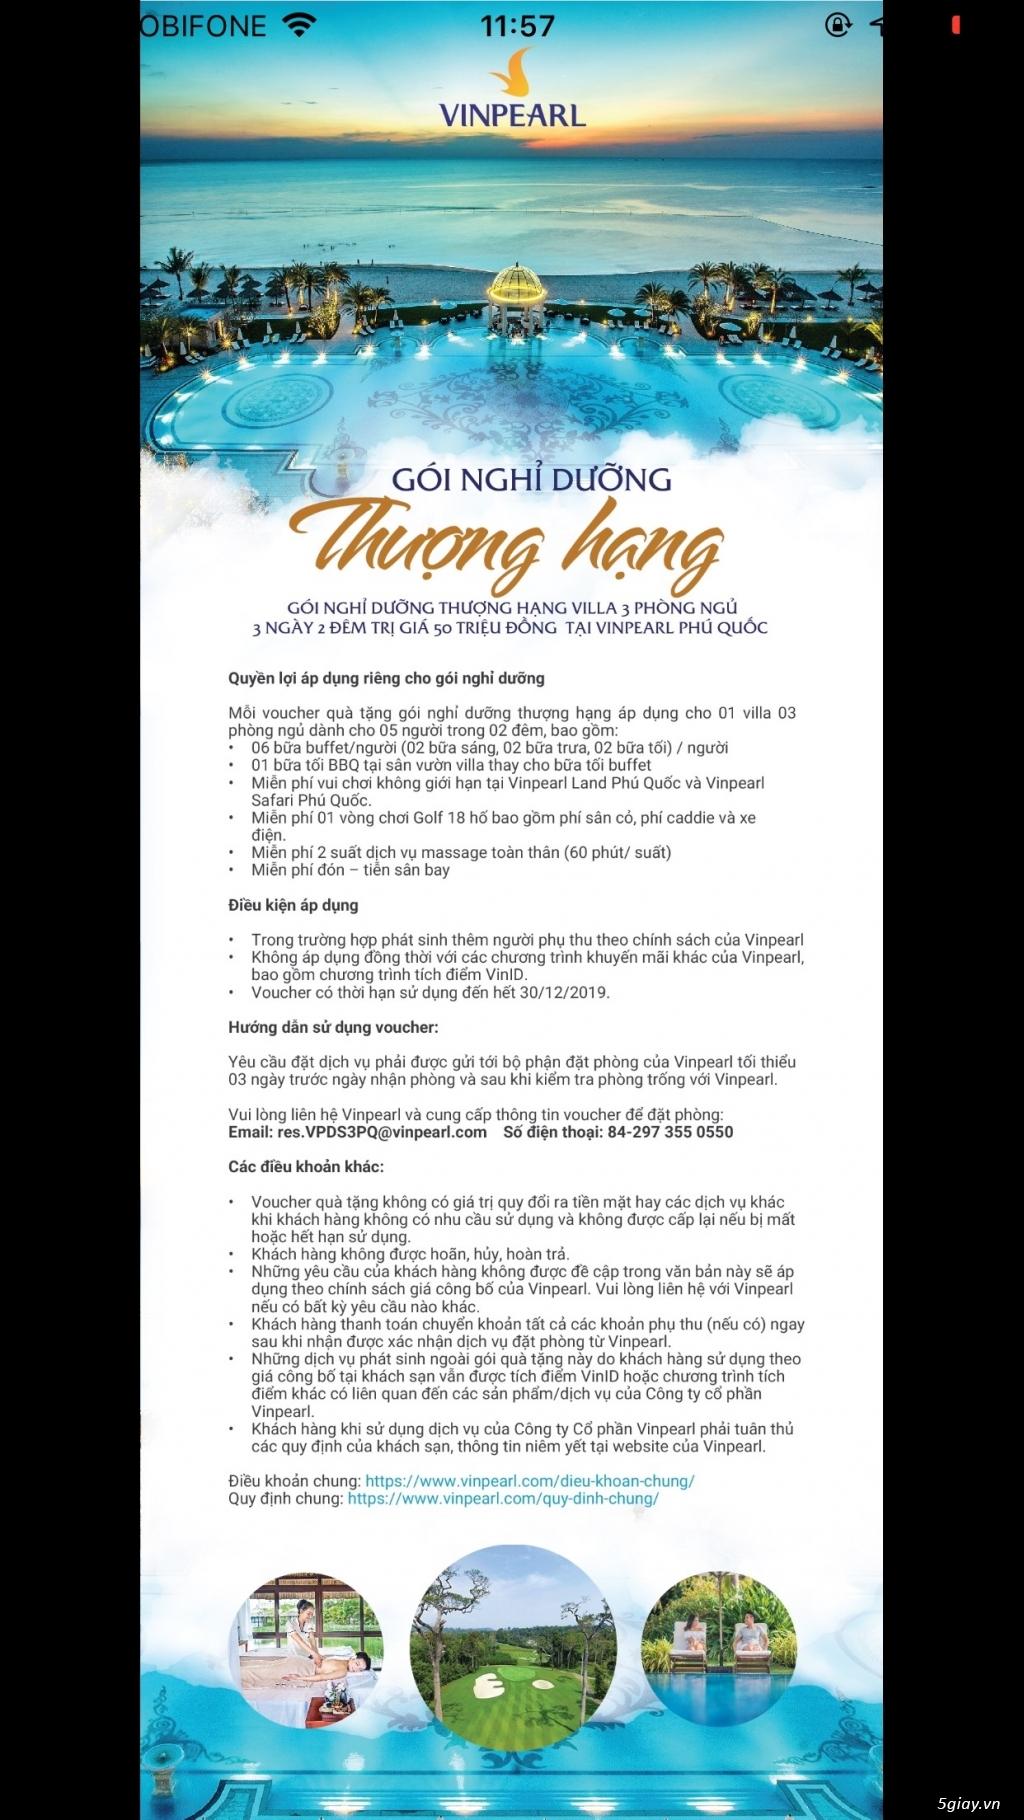 Mua Đất Tại Tp. Đồng Xoài, Nhận Ngay Voucher Vinpearl Phú Quốc 3N2D - 1